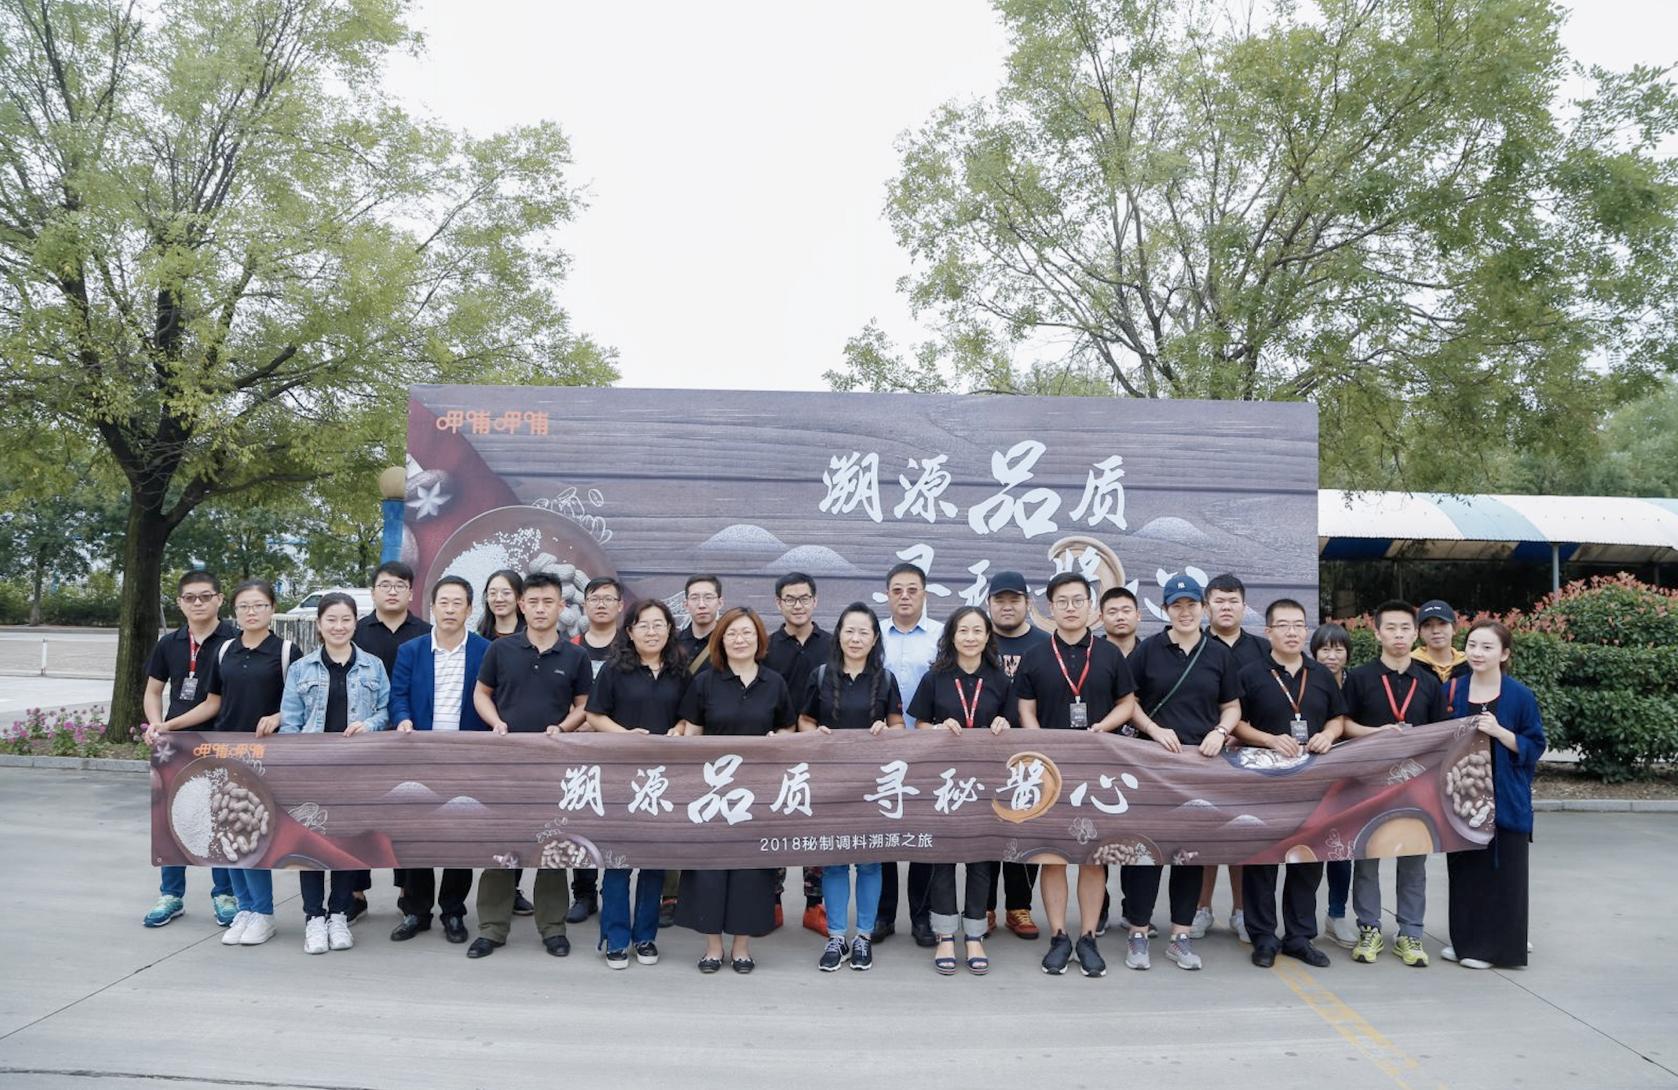 """中国餐饮业迎新消费升级时代 如何用""""慢功夫""""追溯极致品质"""